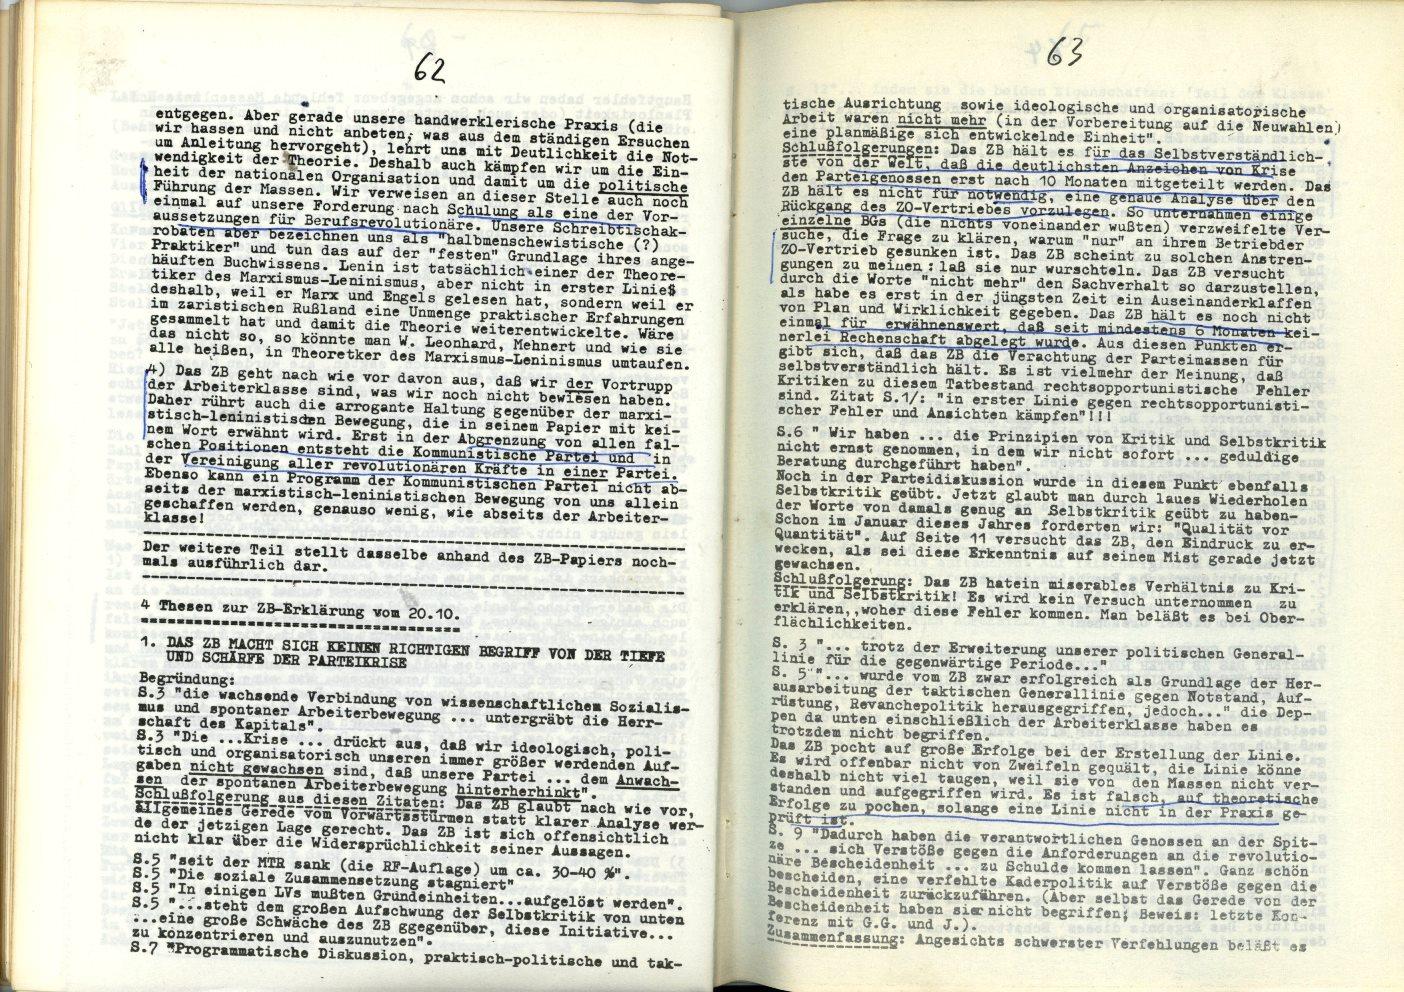 ZB_1972_Diskussionsorgan_zur_ersten_Parteikonferenz_35